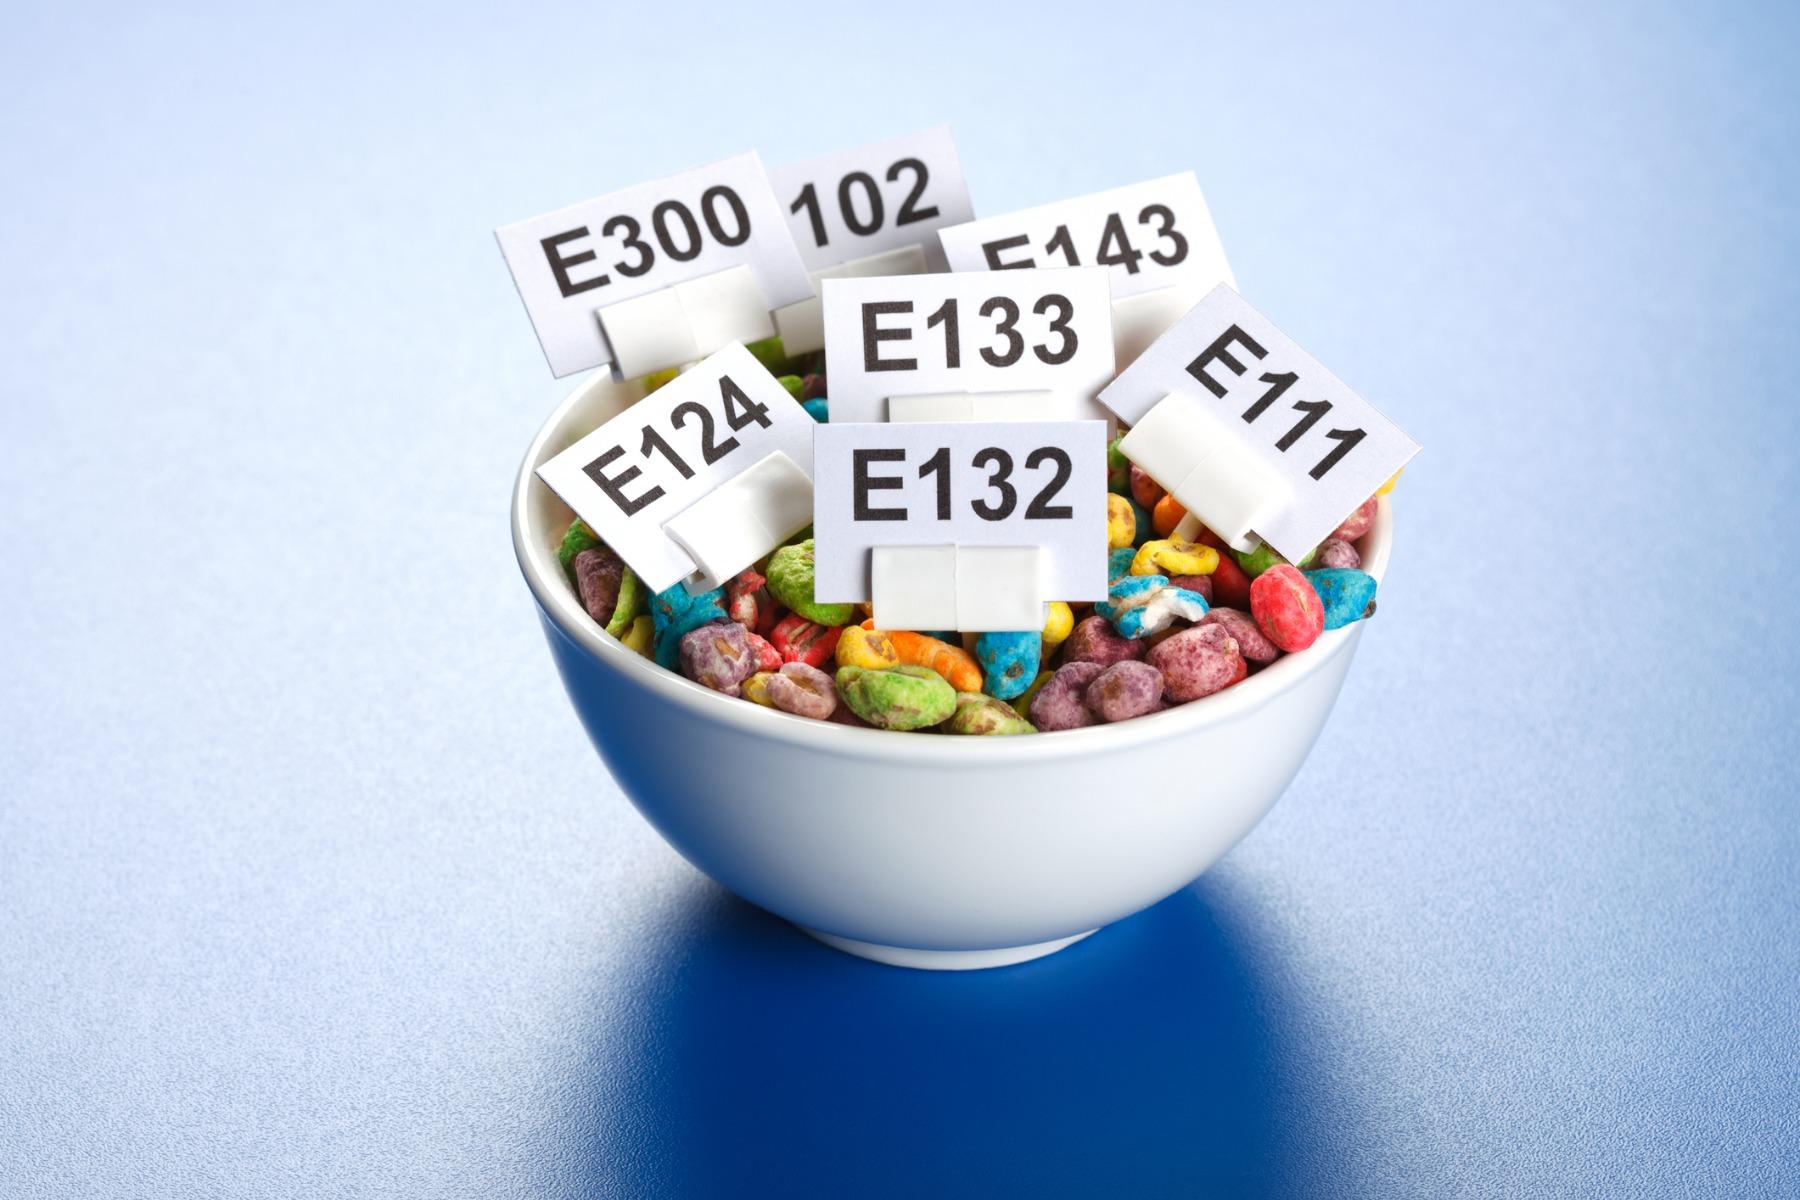 Αριθμοί Ε ή Πρόσθετα: Υπάρχει στα αλήθεια κίνδυνος;